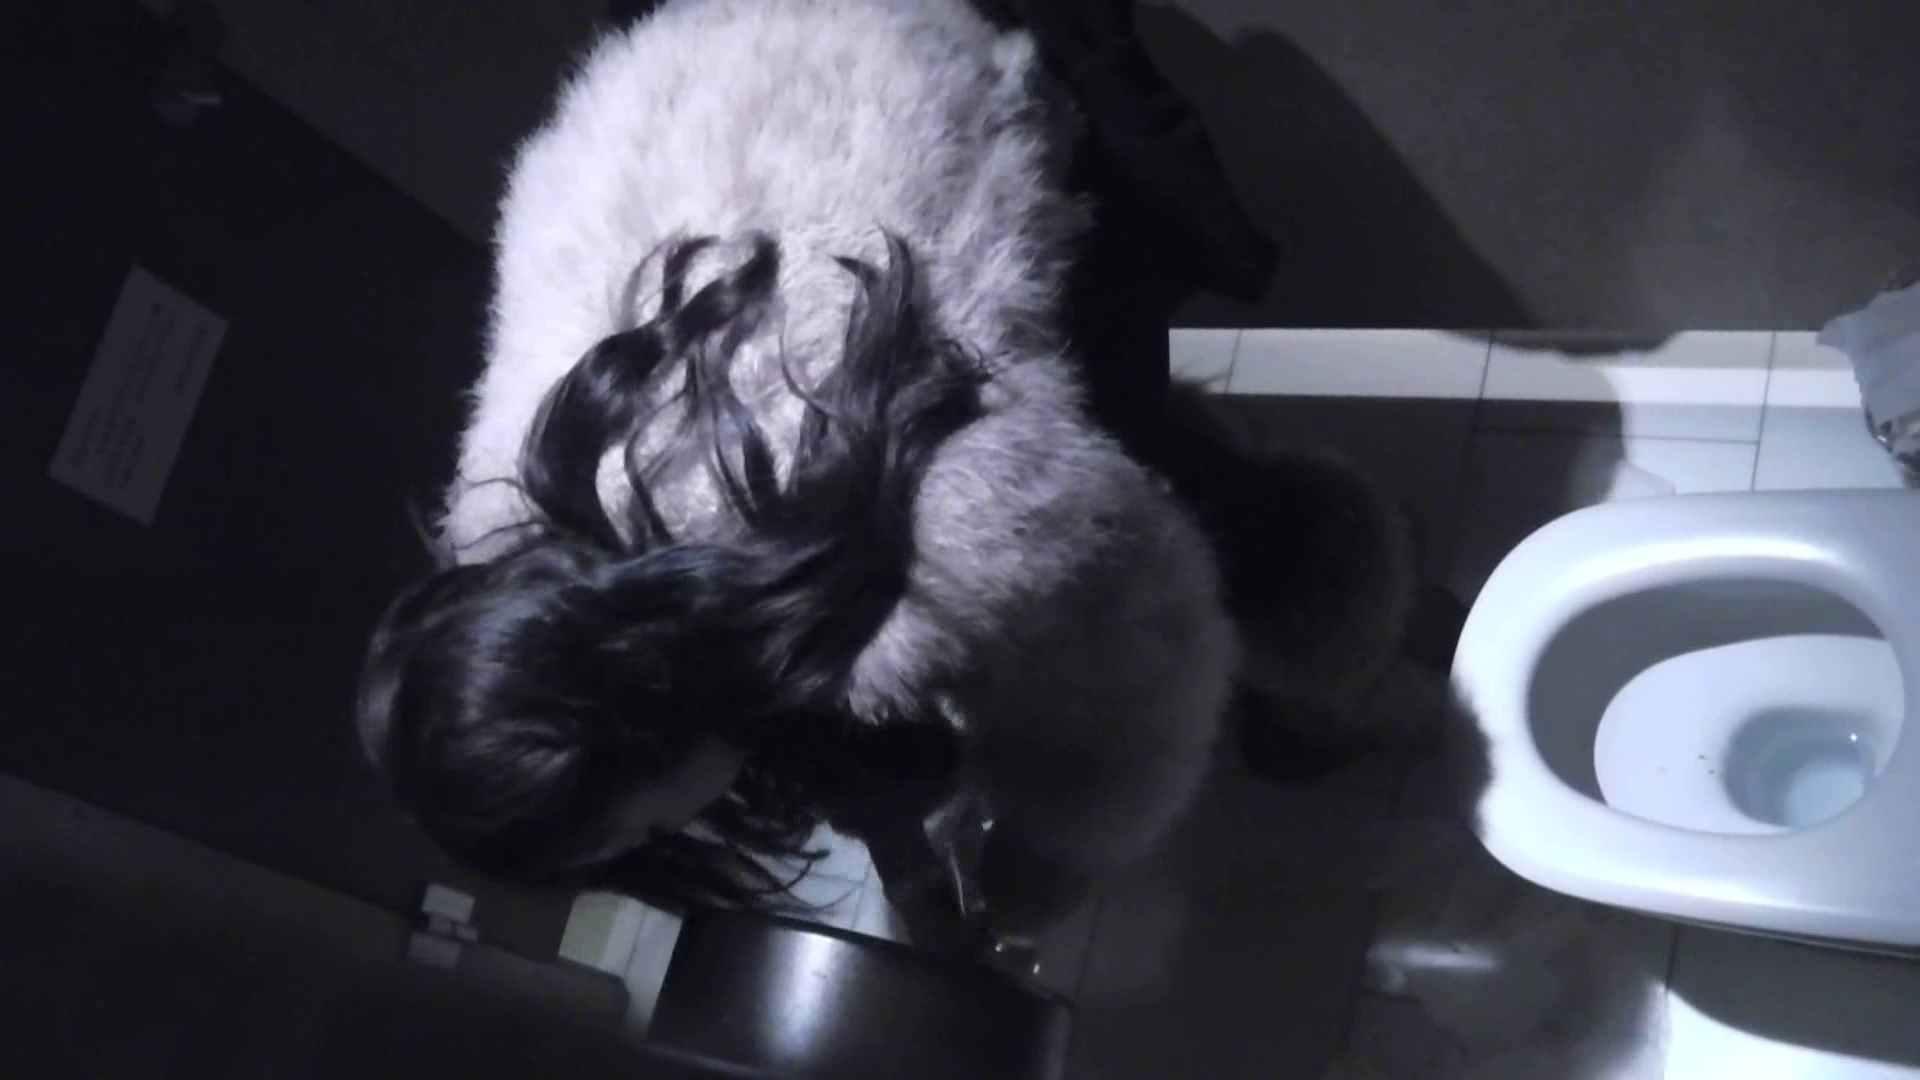 世界の射窓から vol.35 女厕偷拍, 美罗城 南宁国贸 ハプニング  78枚 5